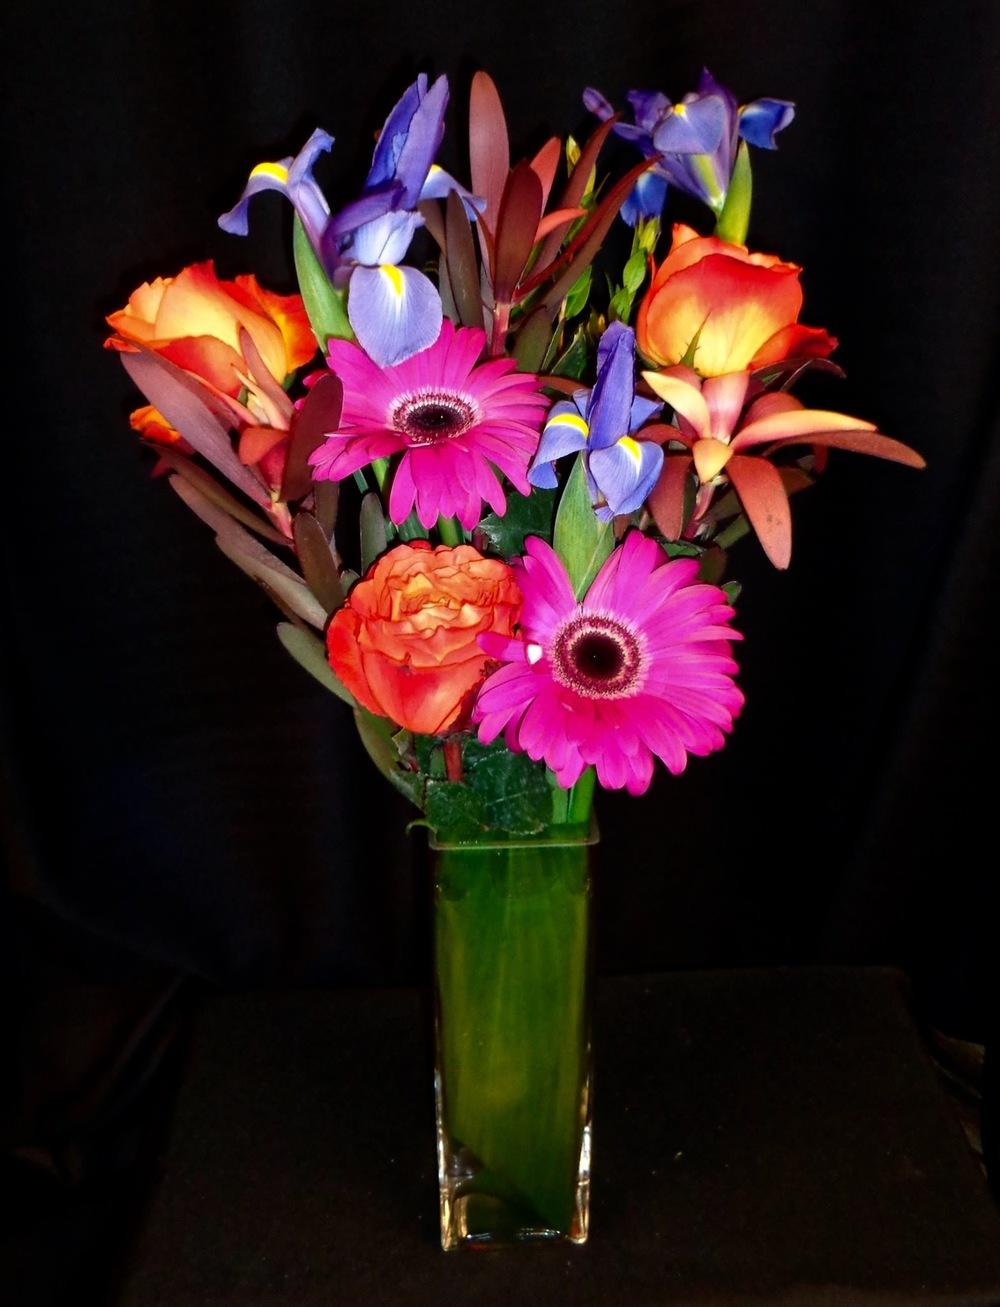 flowers - 7.jpg